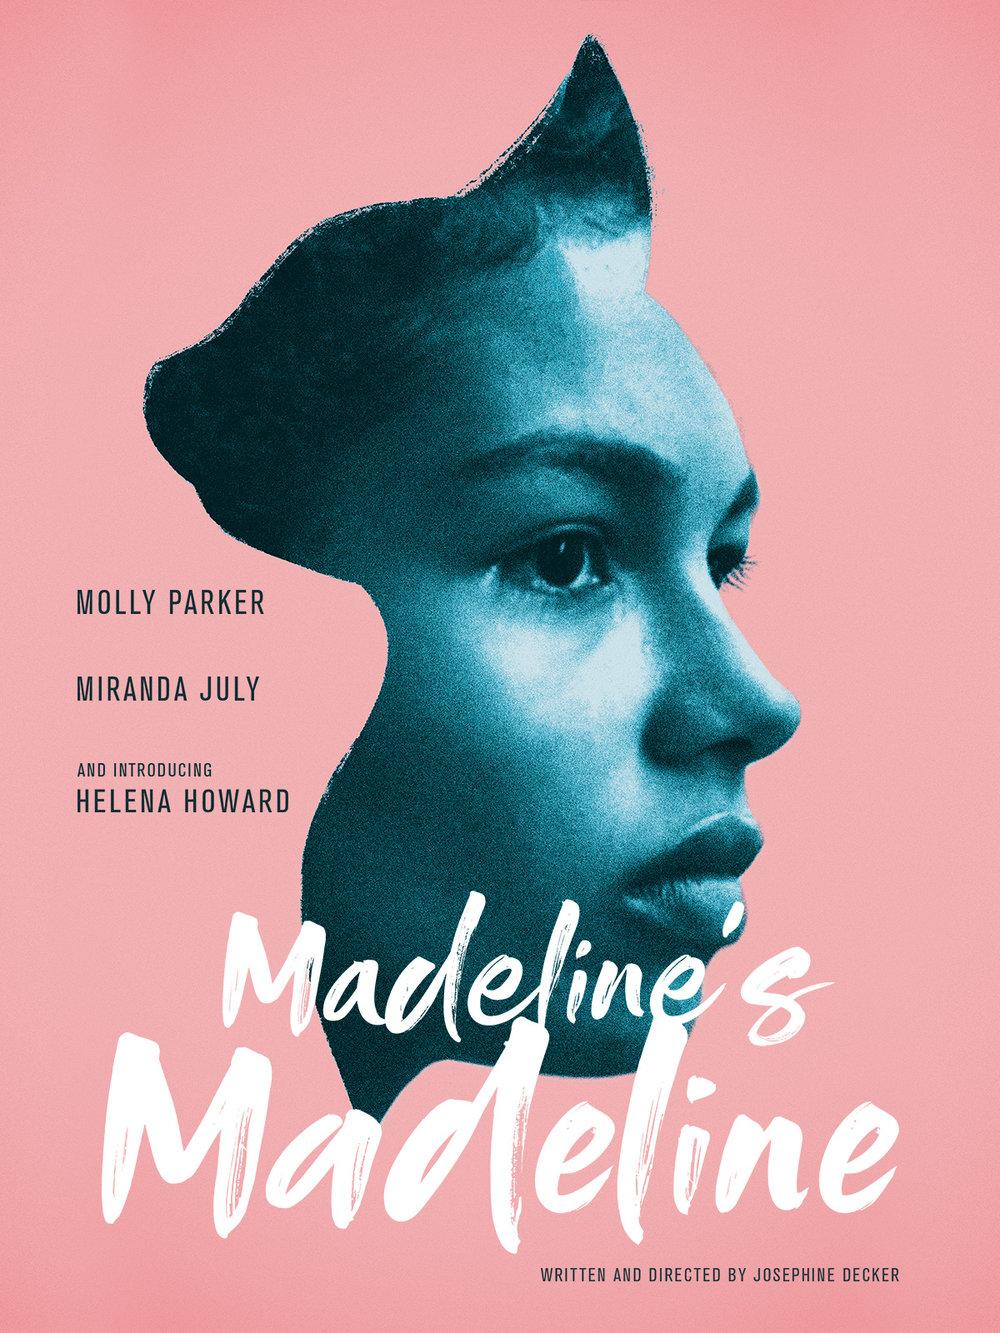 MadelinesMadeline_1200x1600.jpg